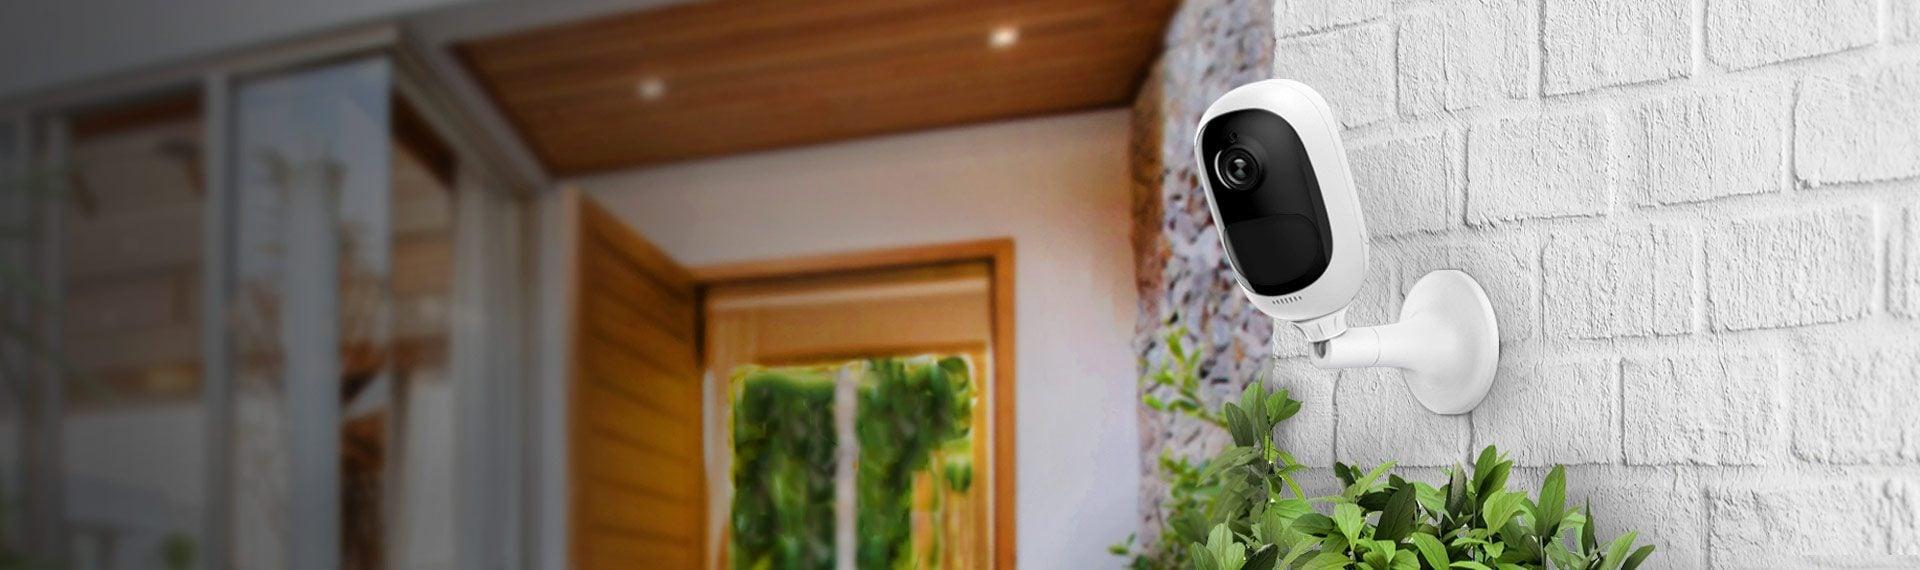 Reolink Argus Pro Test: keine smarte, aber eine intelligente WLAN-Kamera 13